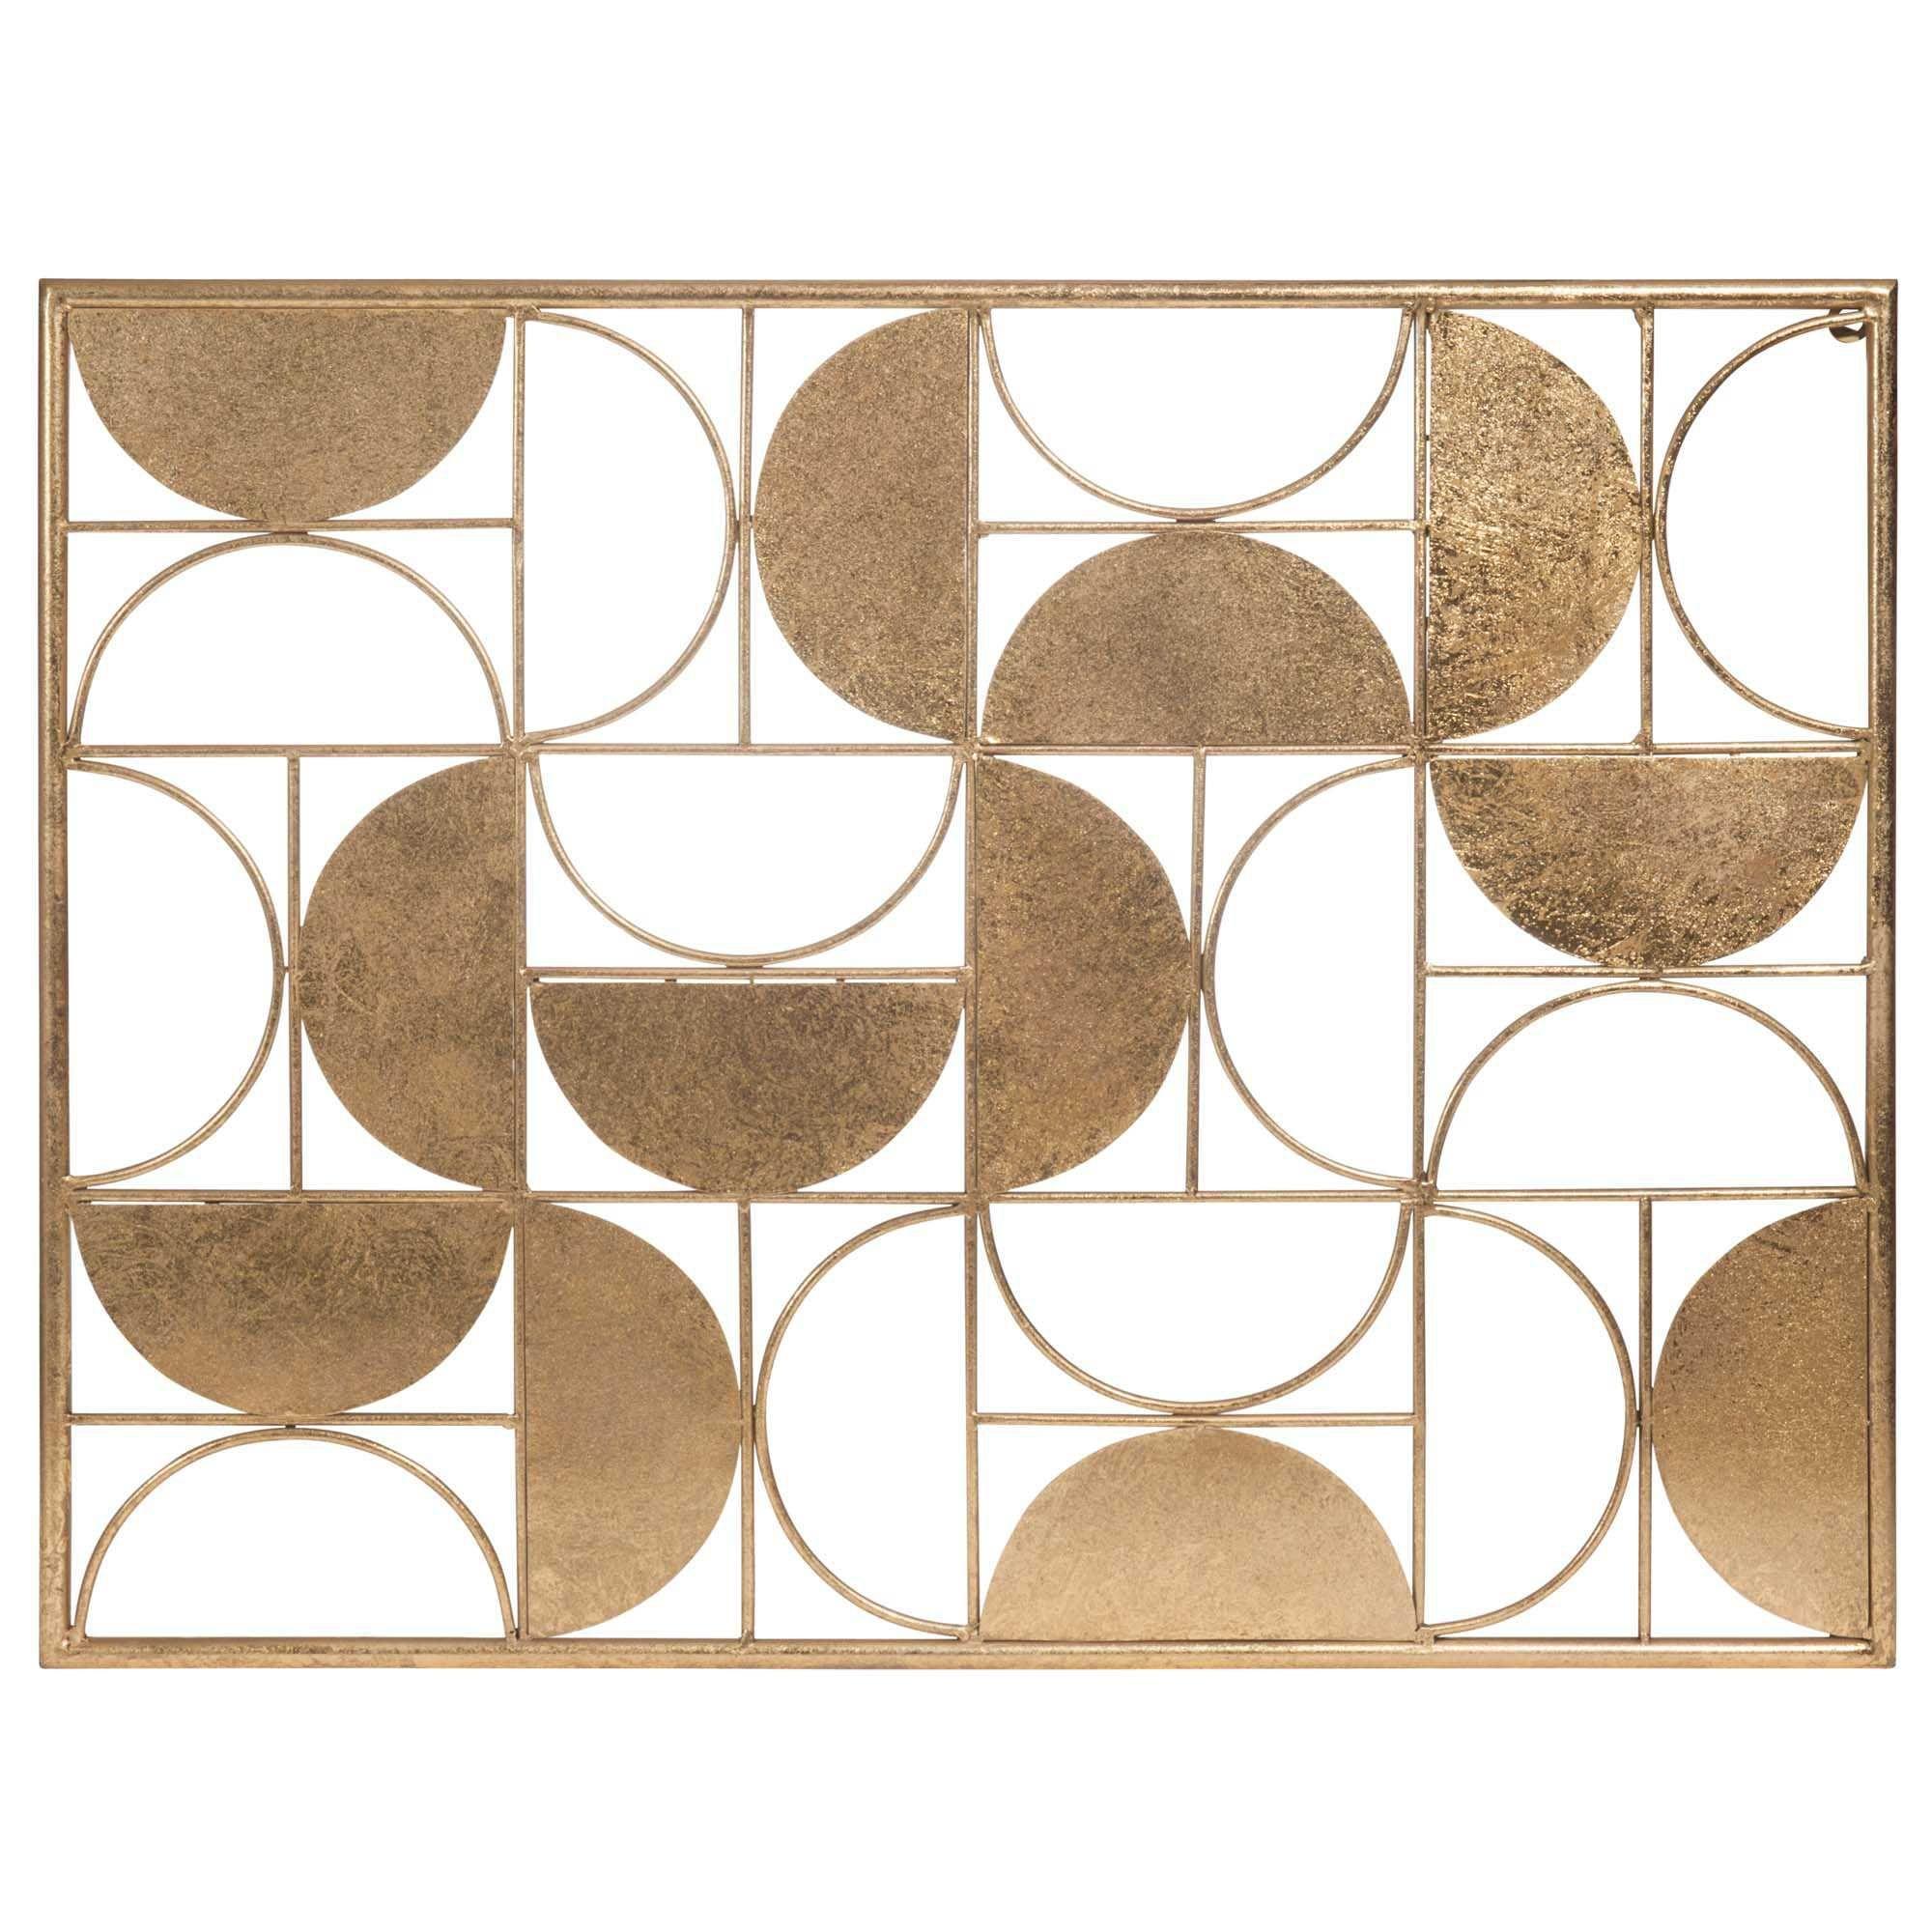 Metalen wanddecoratie 60 x 80 cm HALF MOON